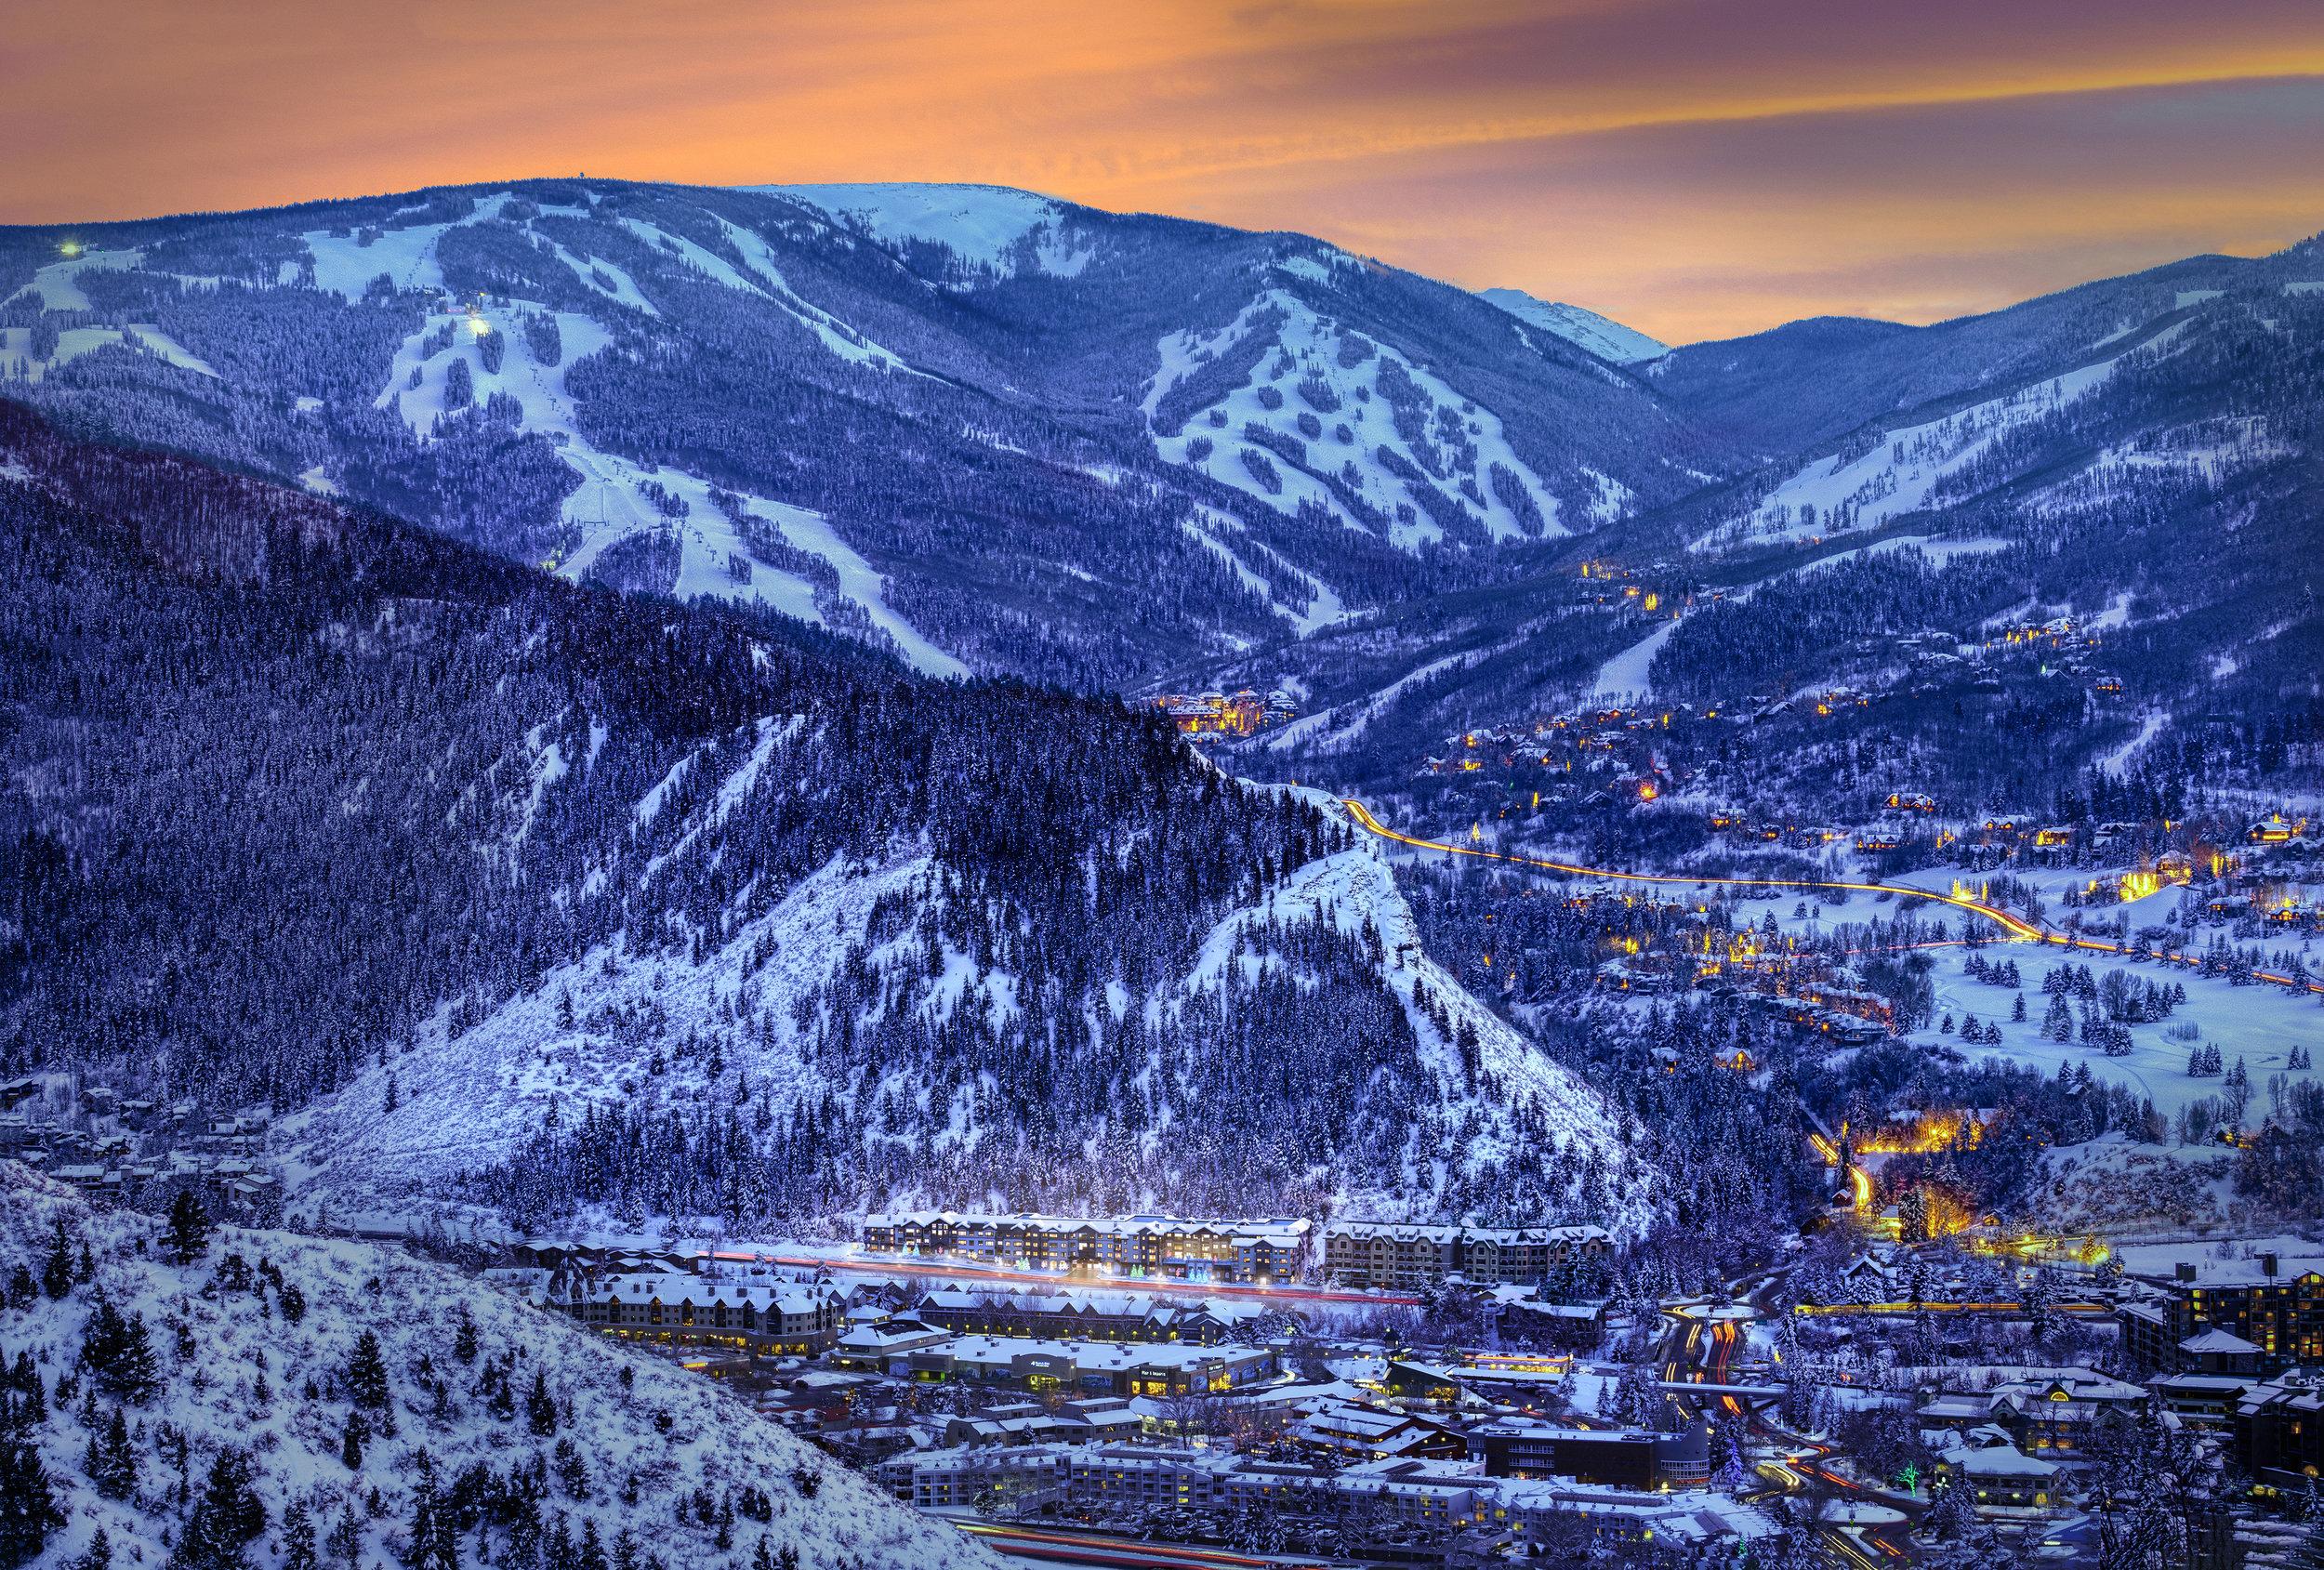 Vail, Colorado Aerial